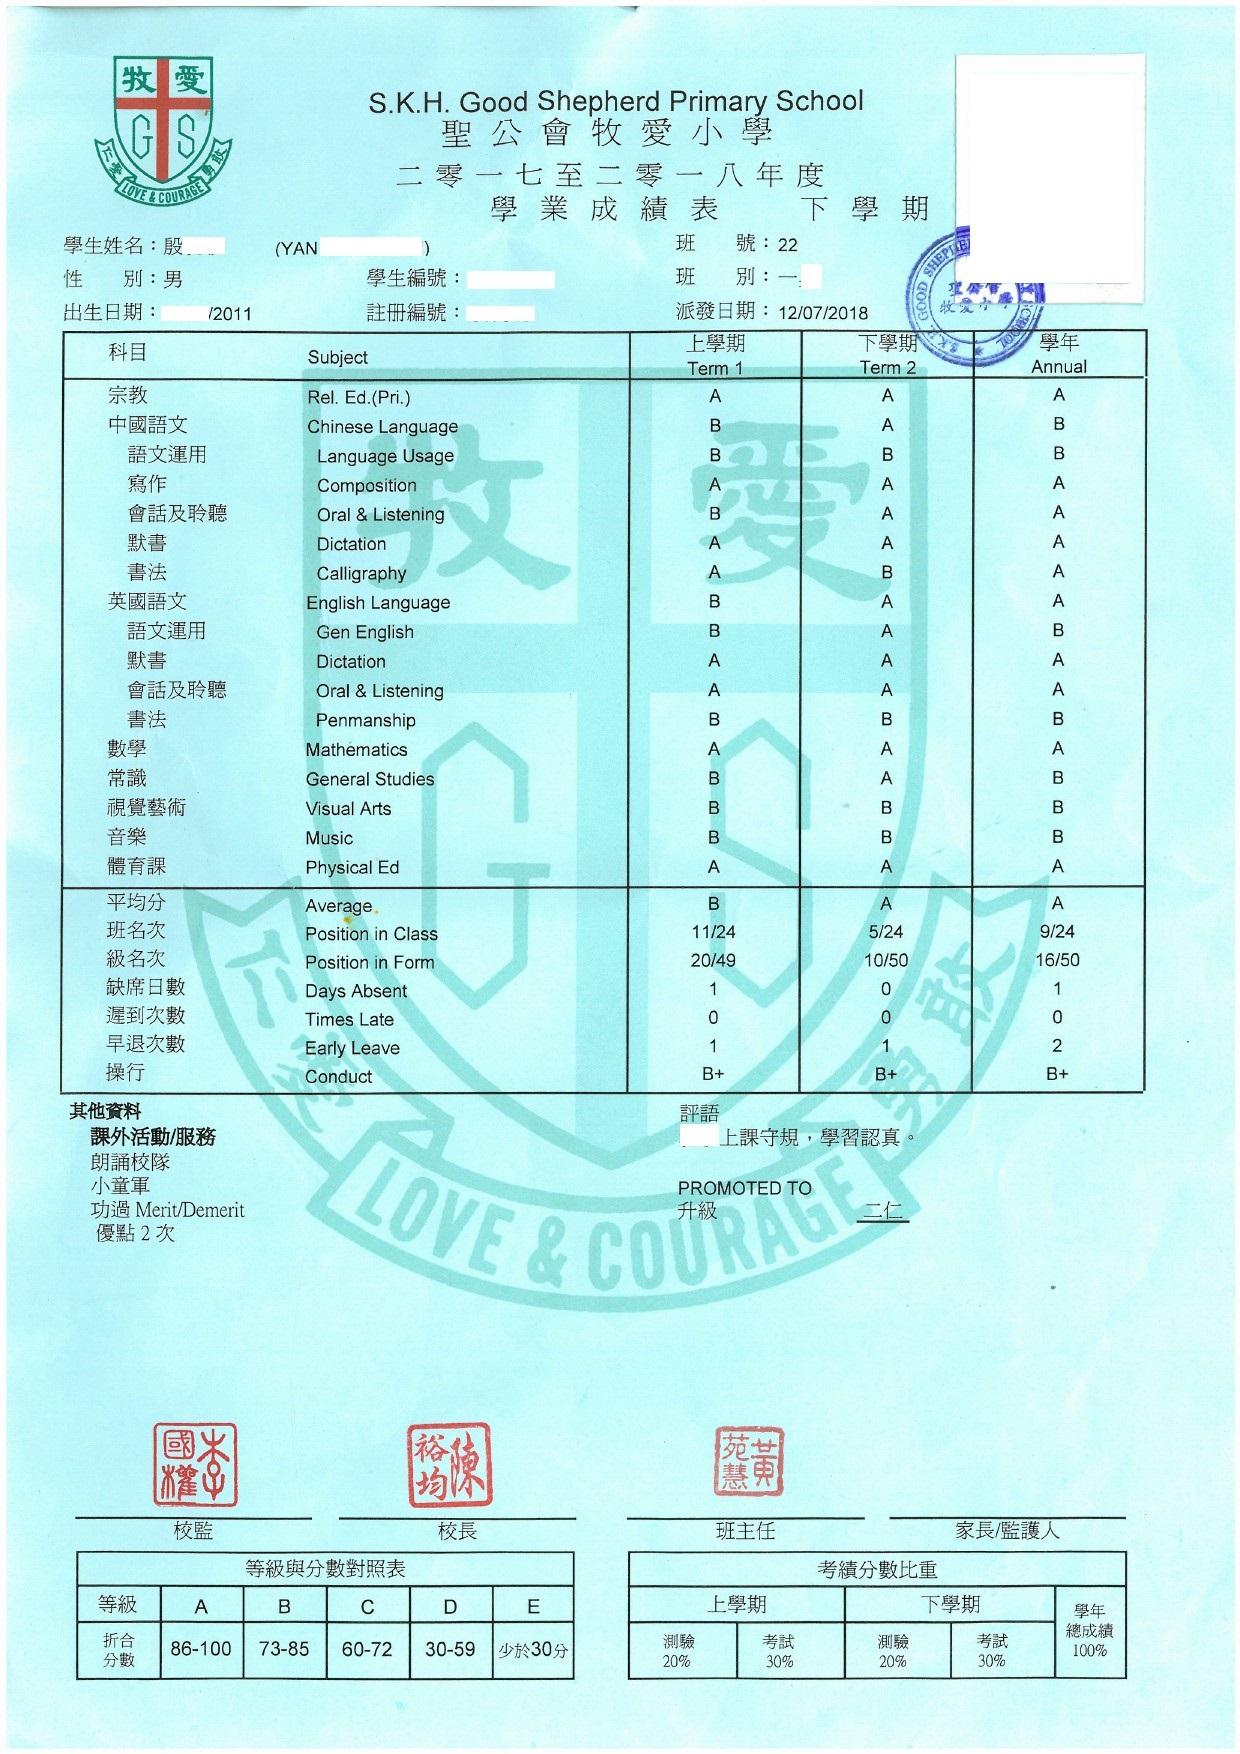 牧 殷 P1 全年 成績表-1